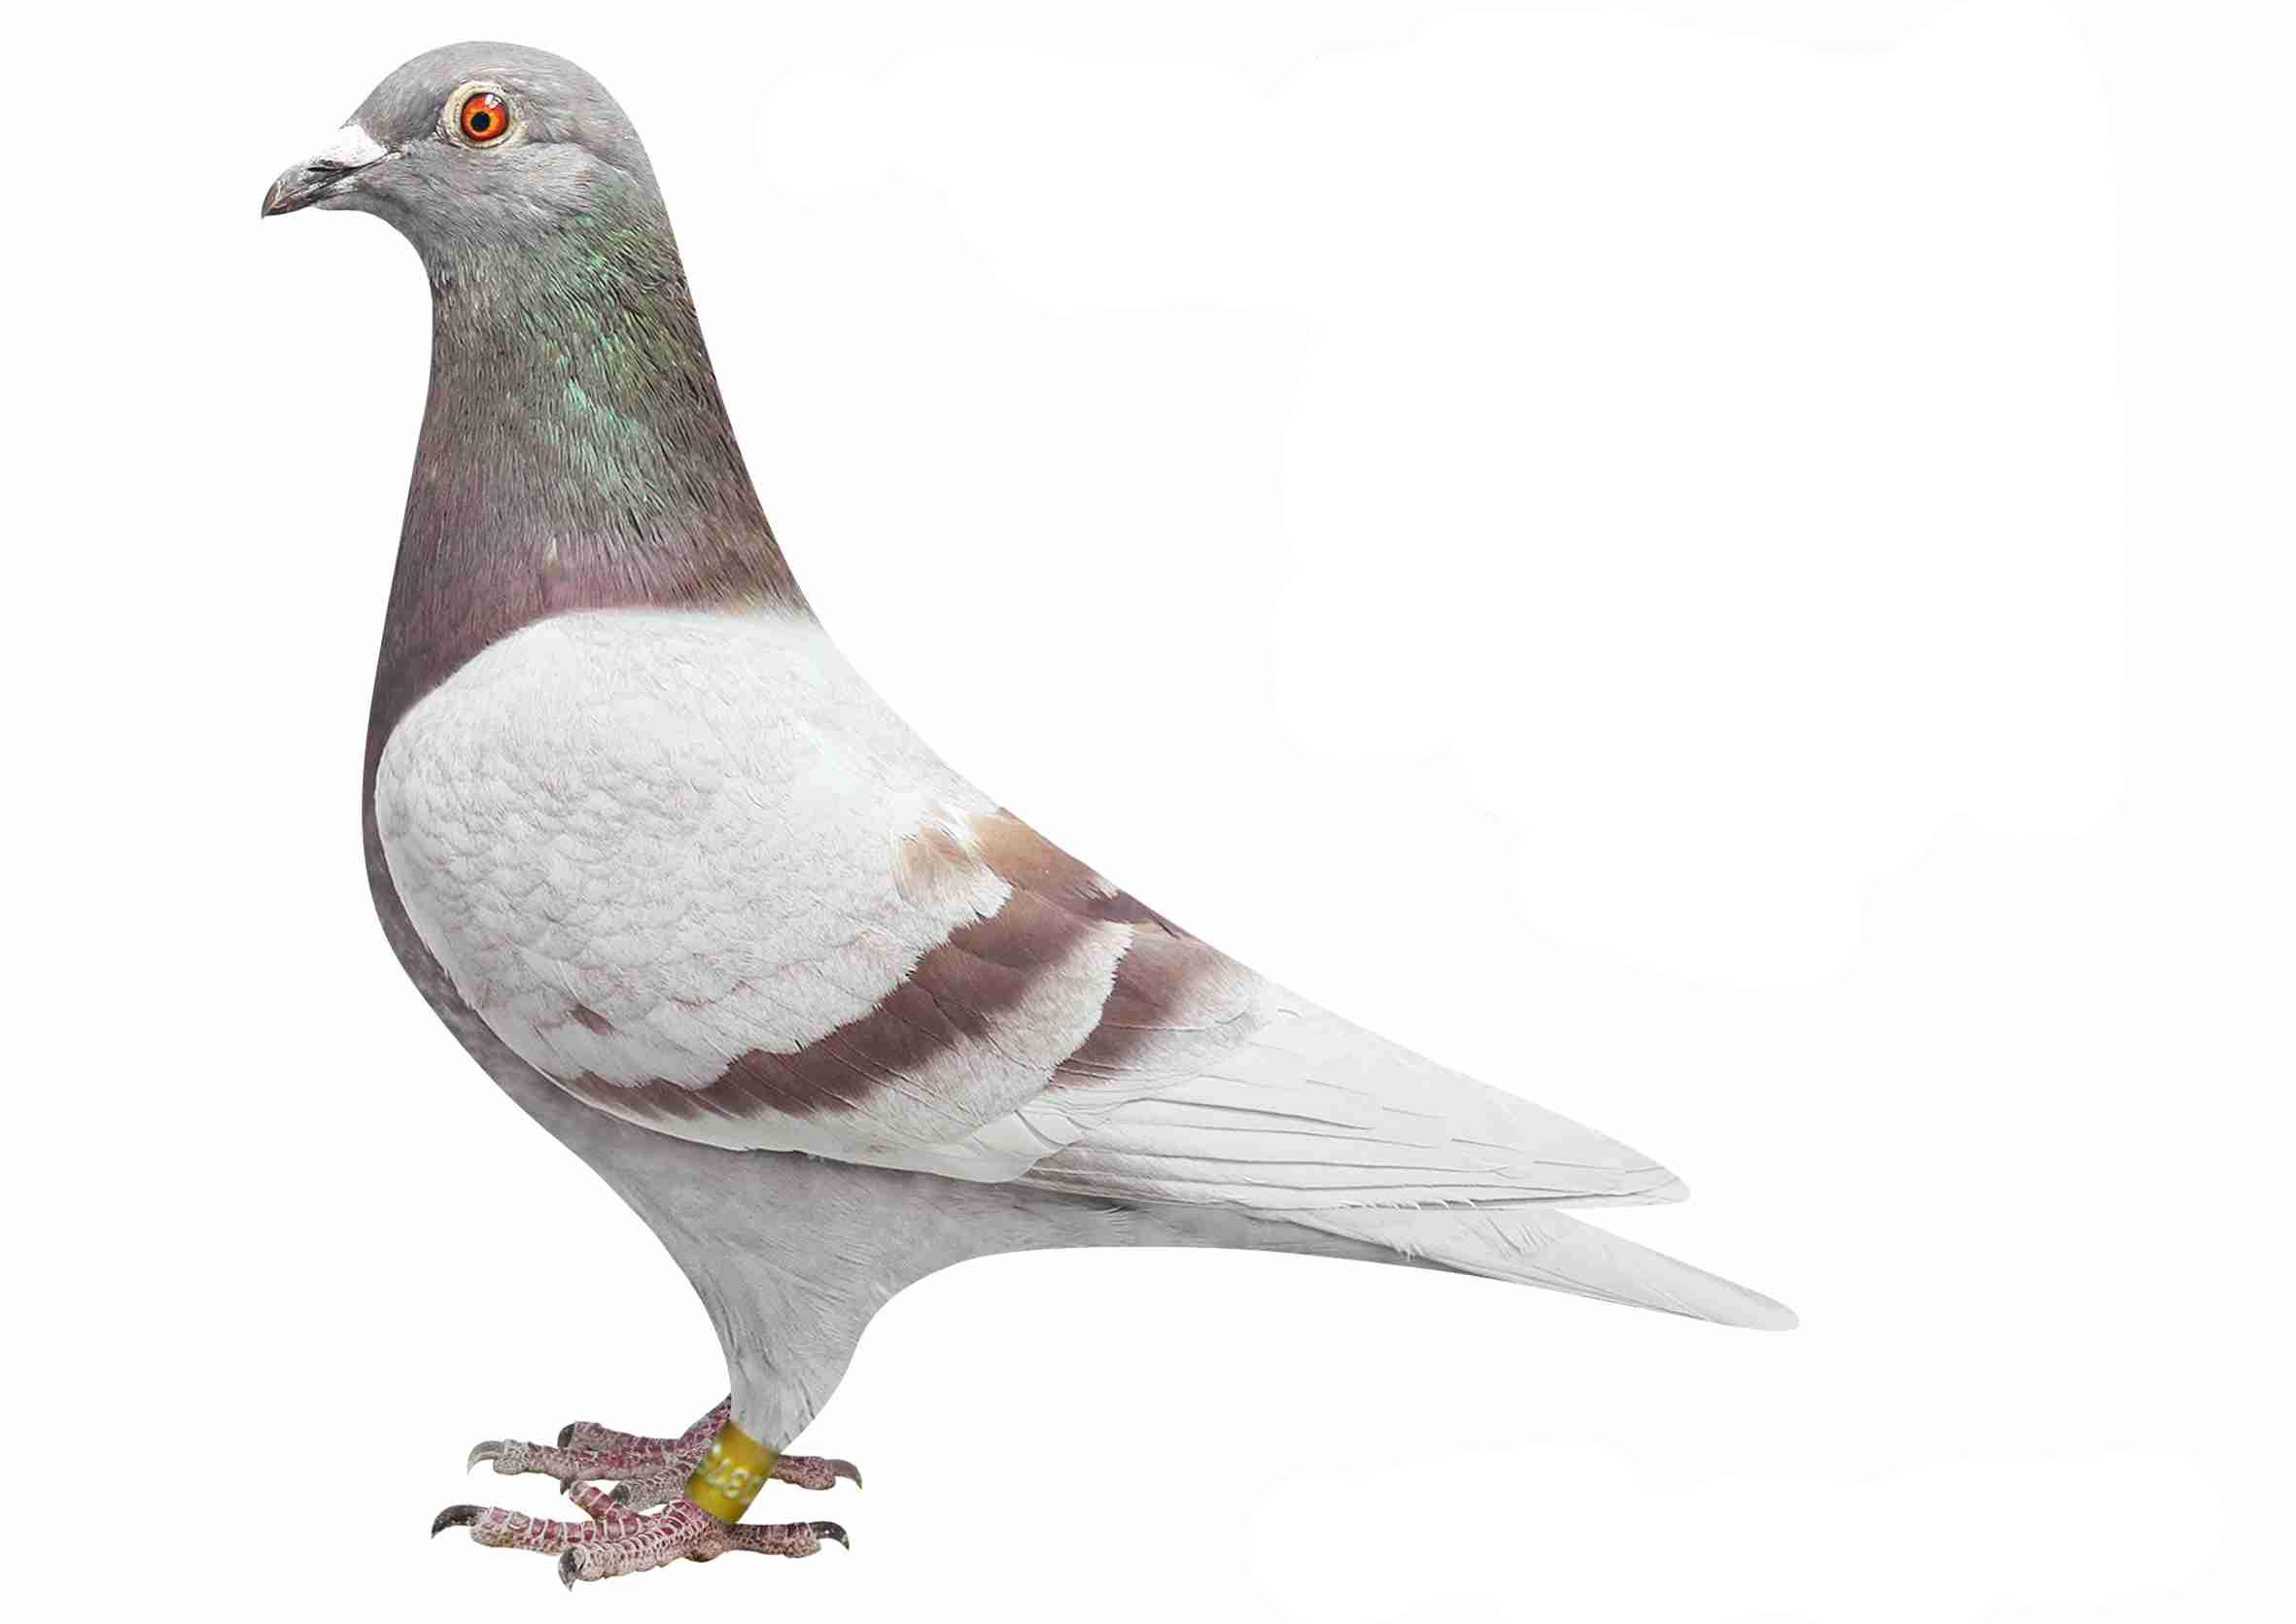 兔子鸽教学鸽子图示鸟动物2362_1671太空泥场景鸟类作品图片